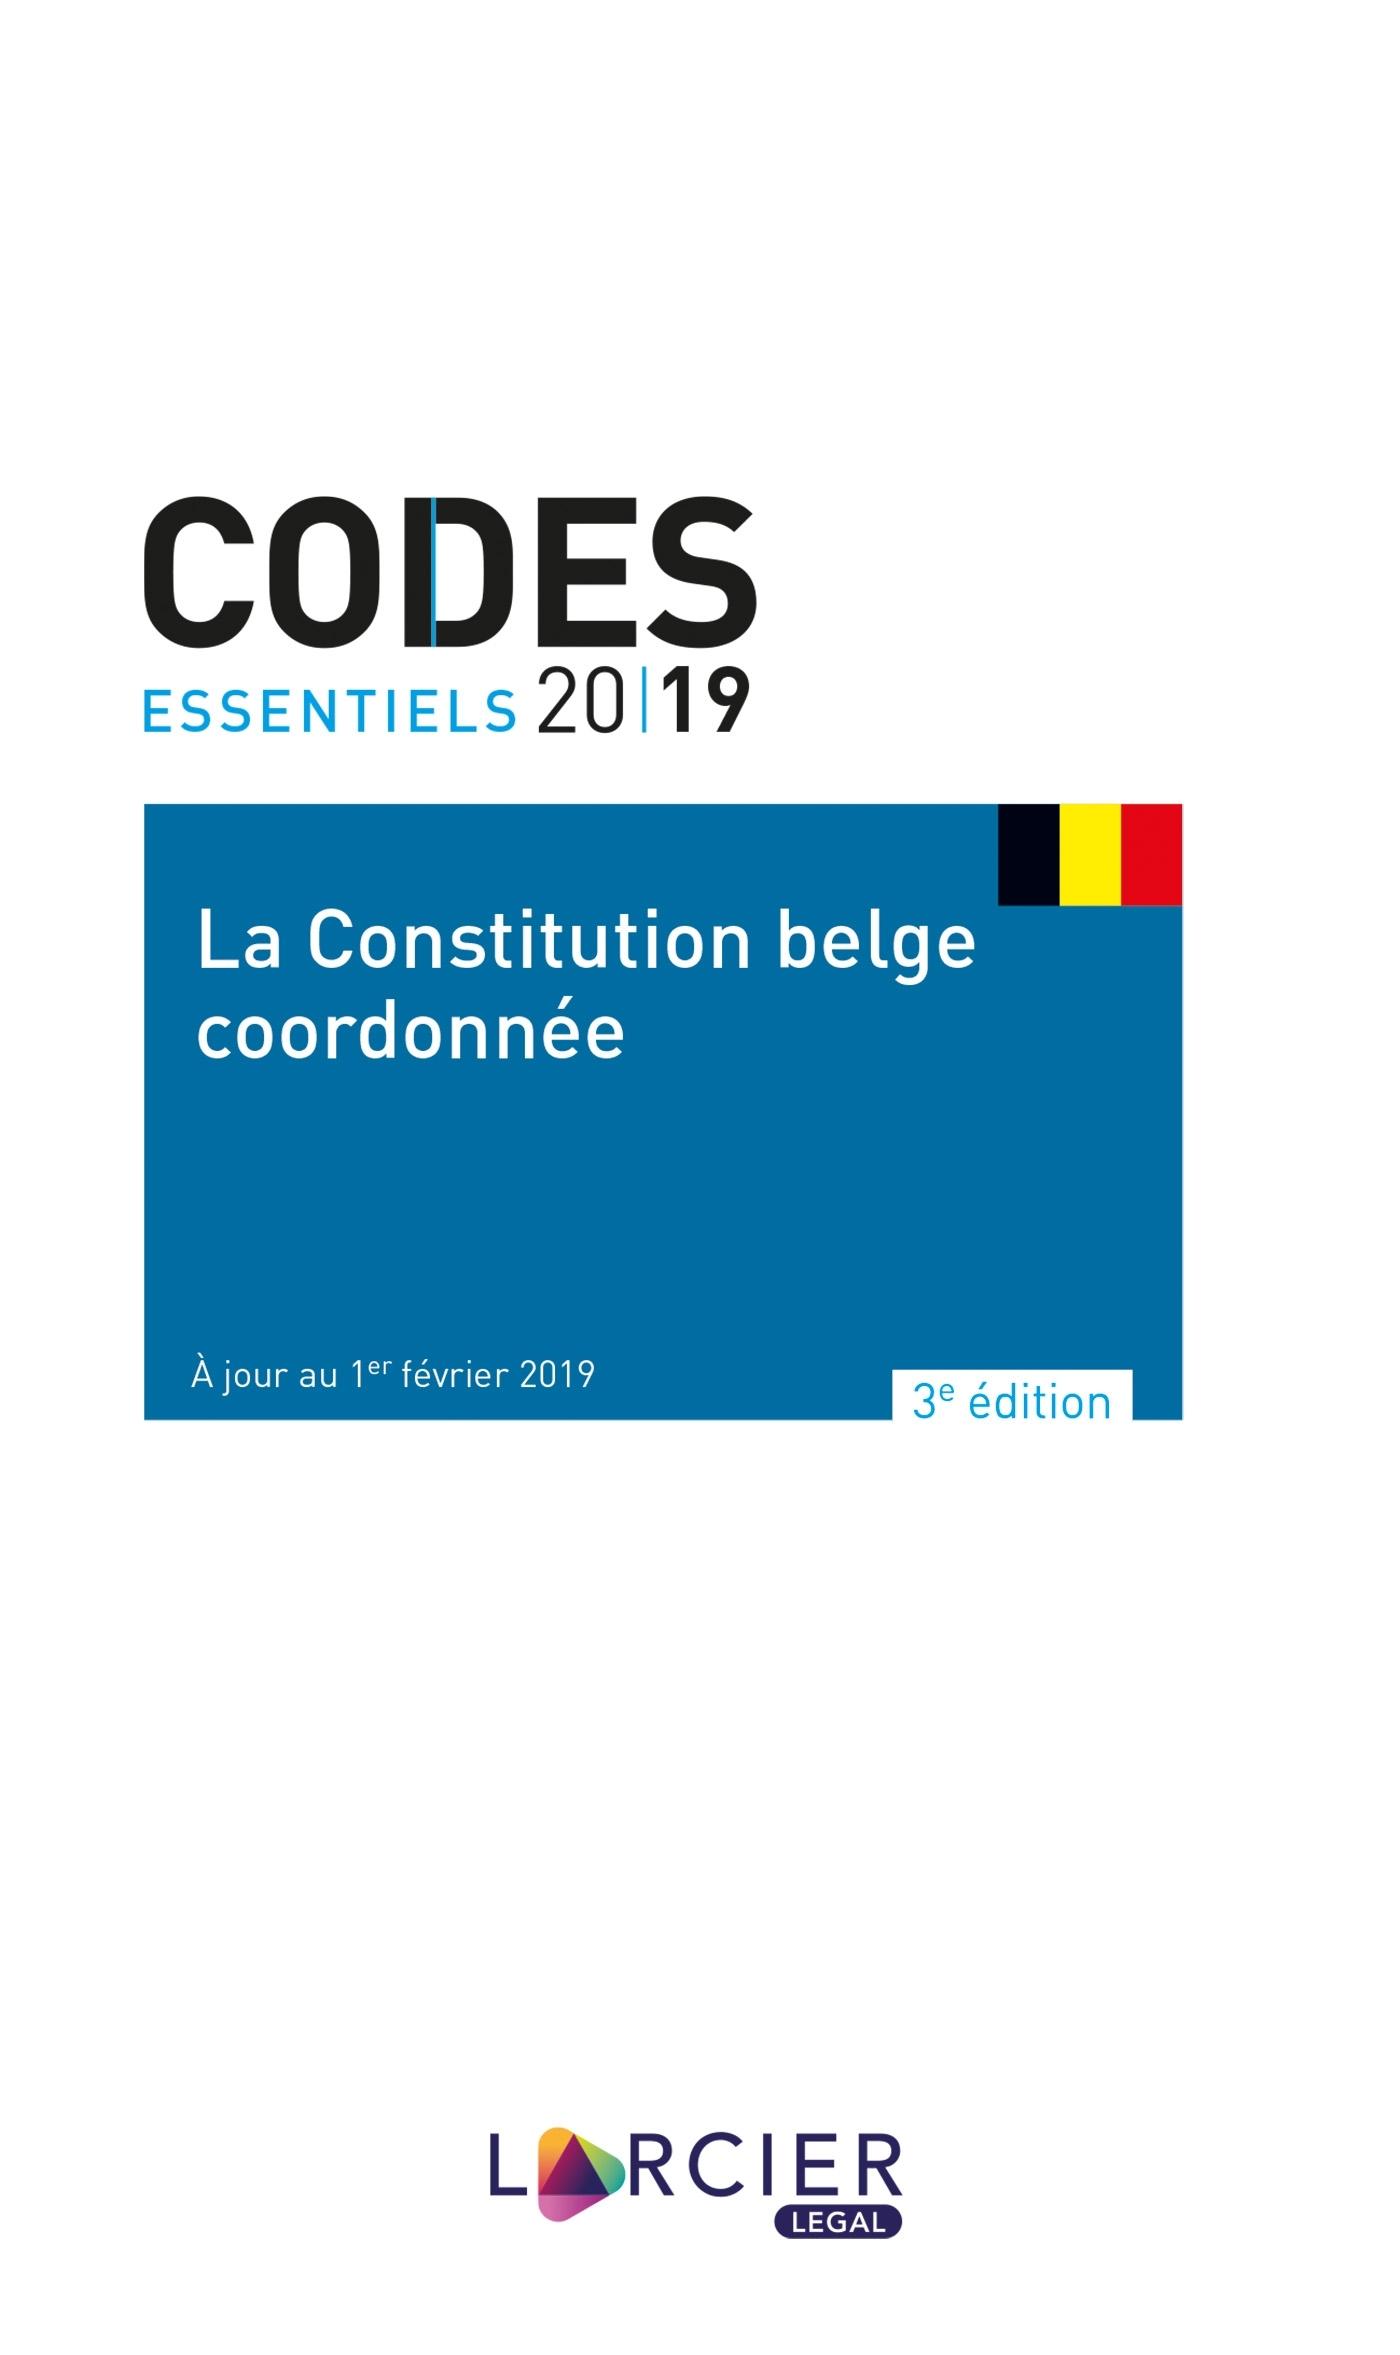 CODE ESSENTIEL - LA CONSTITUTION BELGE COORDONNEE - DE GECOORDINEERDE BELGISCHE GRONDWET - A JOUR AU